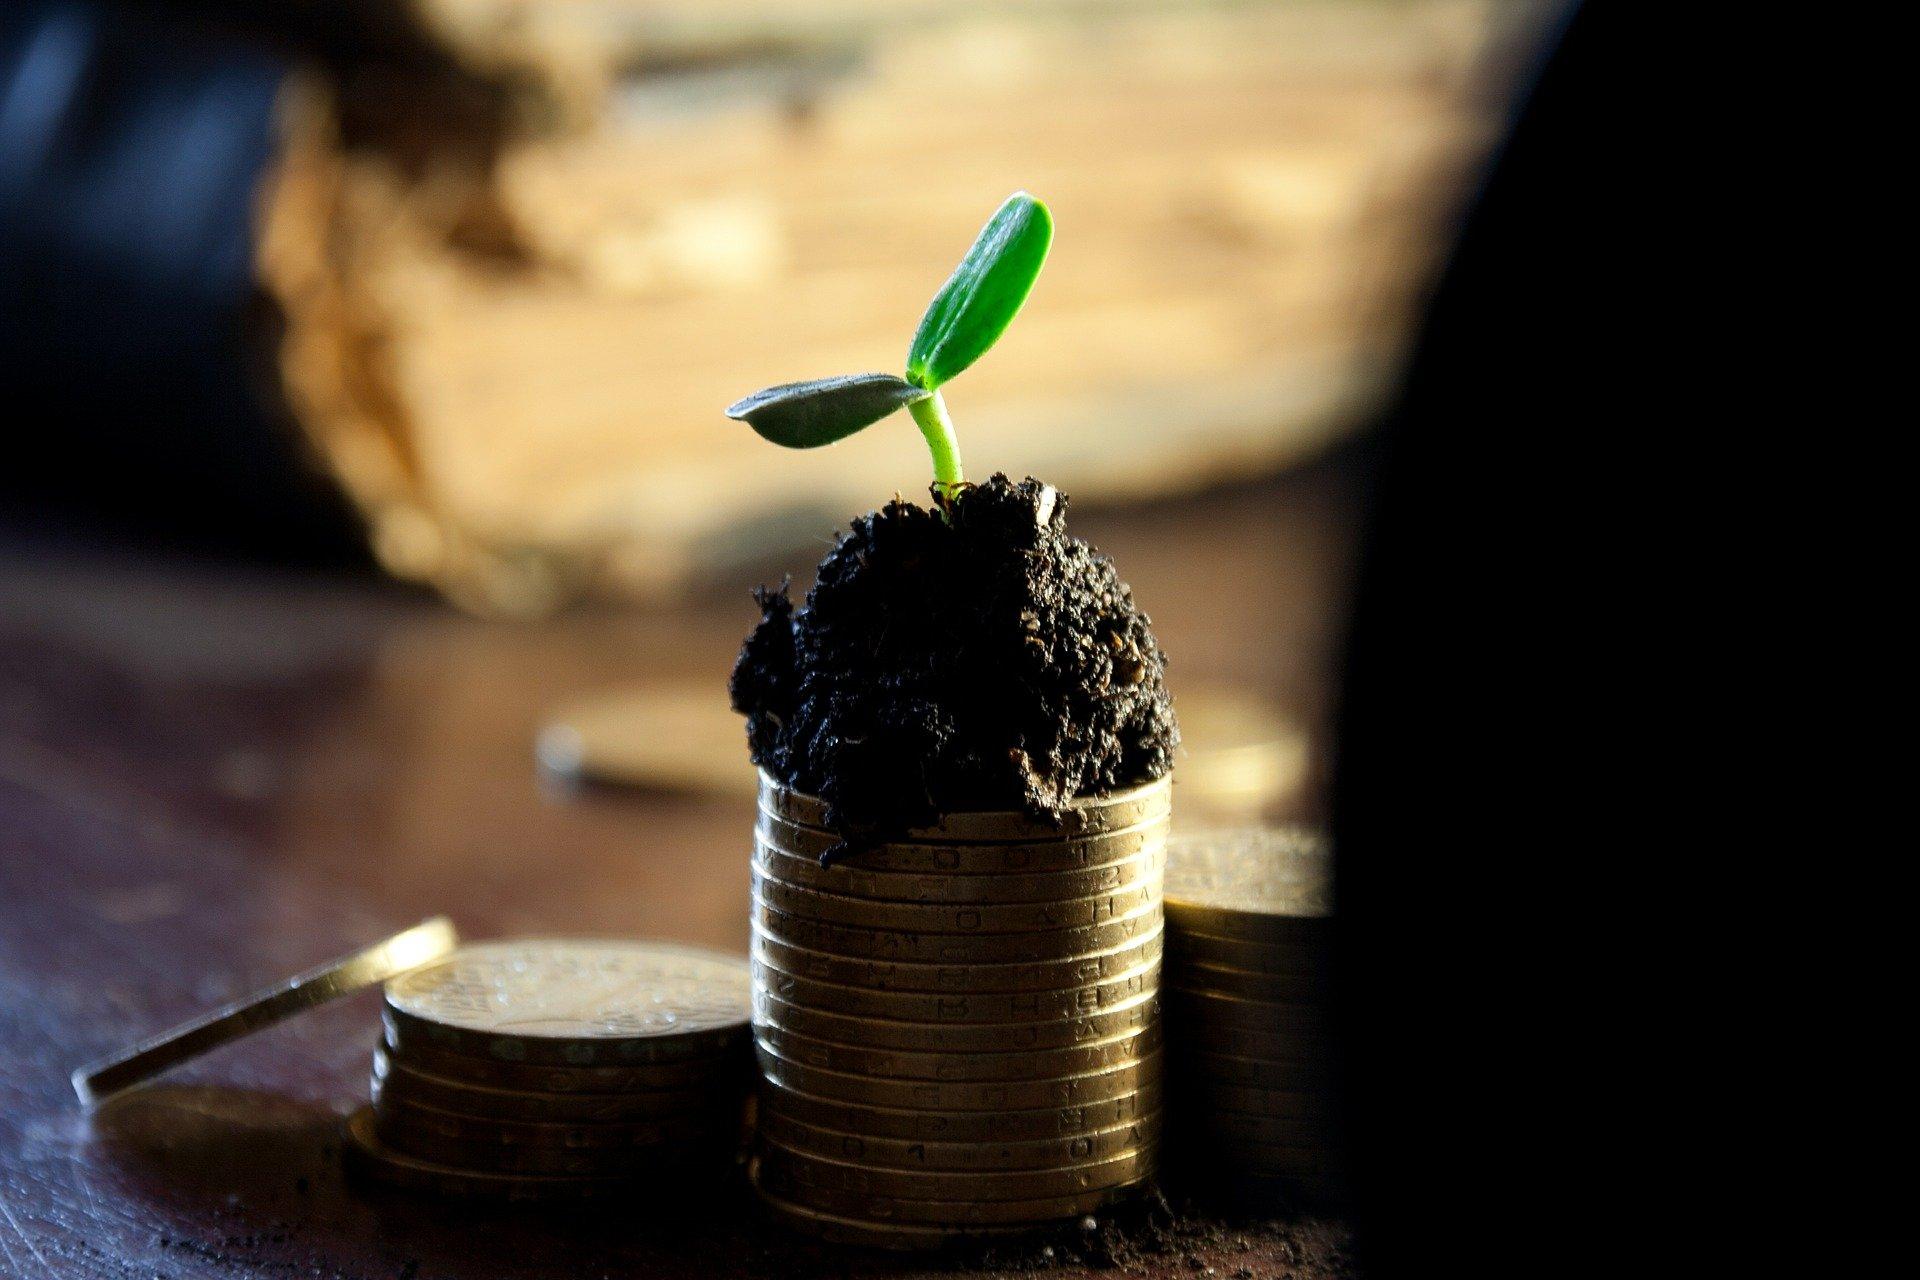 Акции трех компаний, которые достигли пика и готовы к продолжению роста